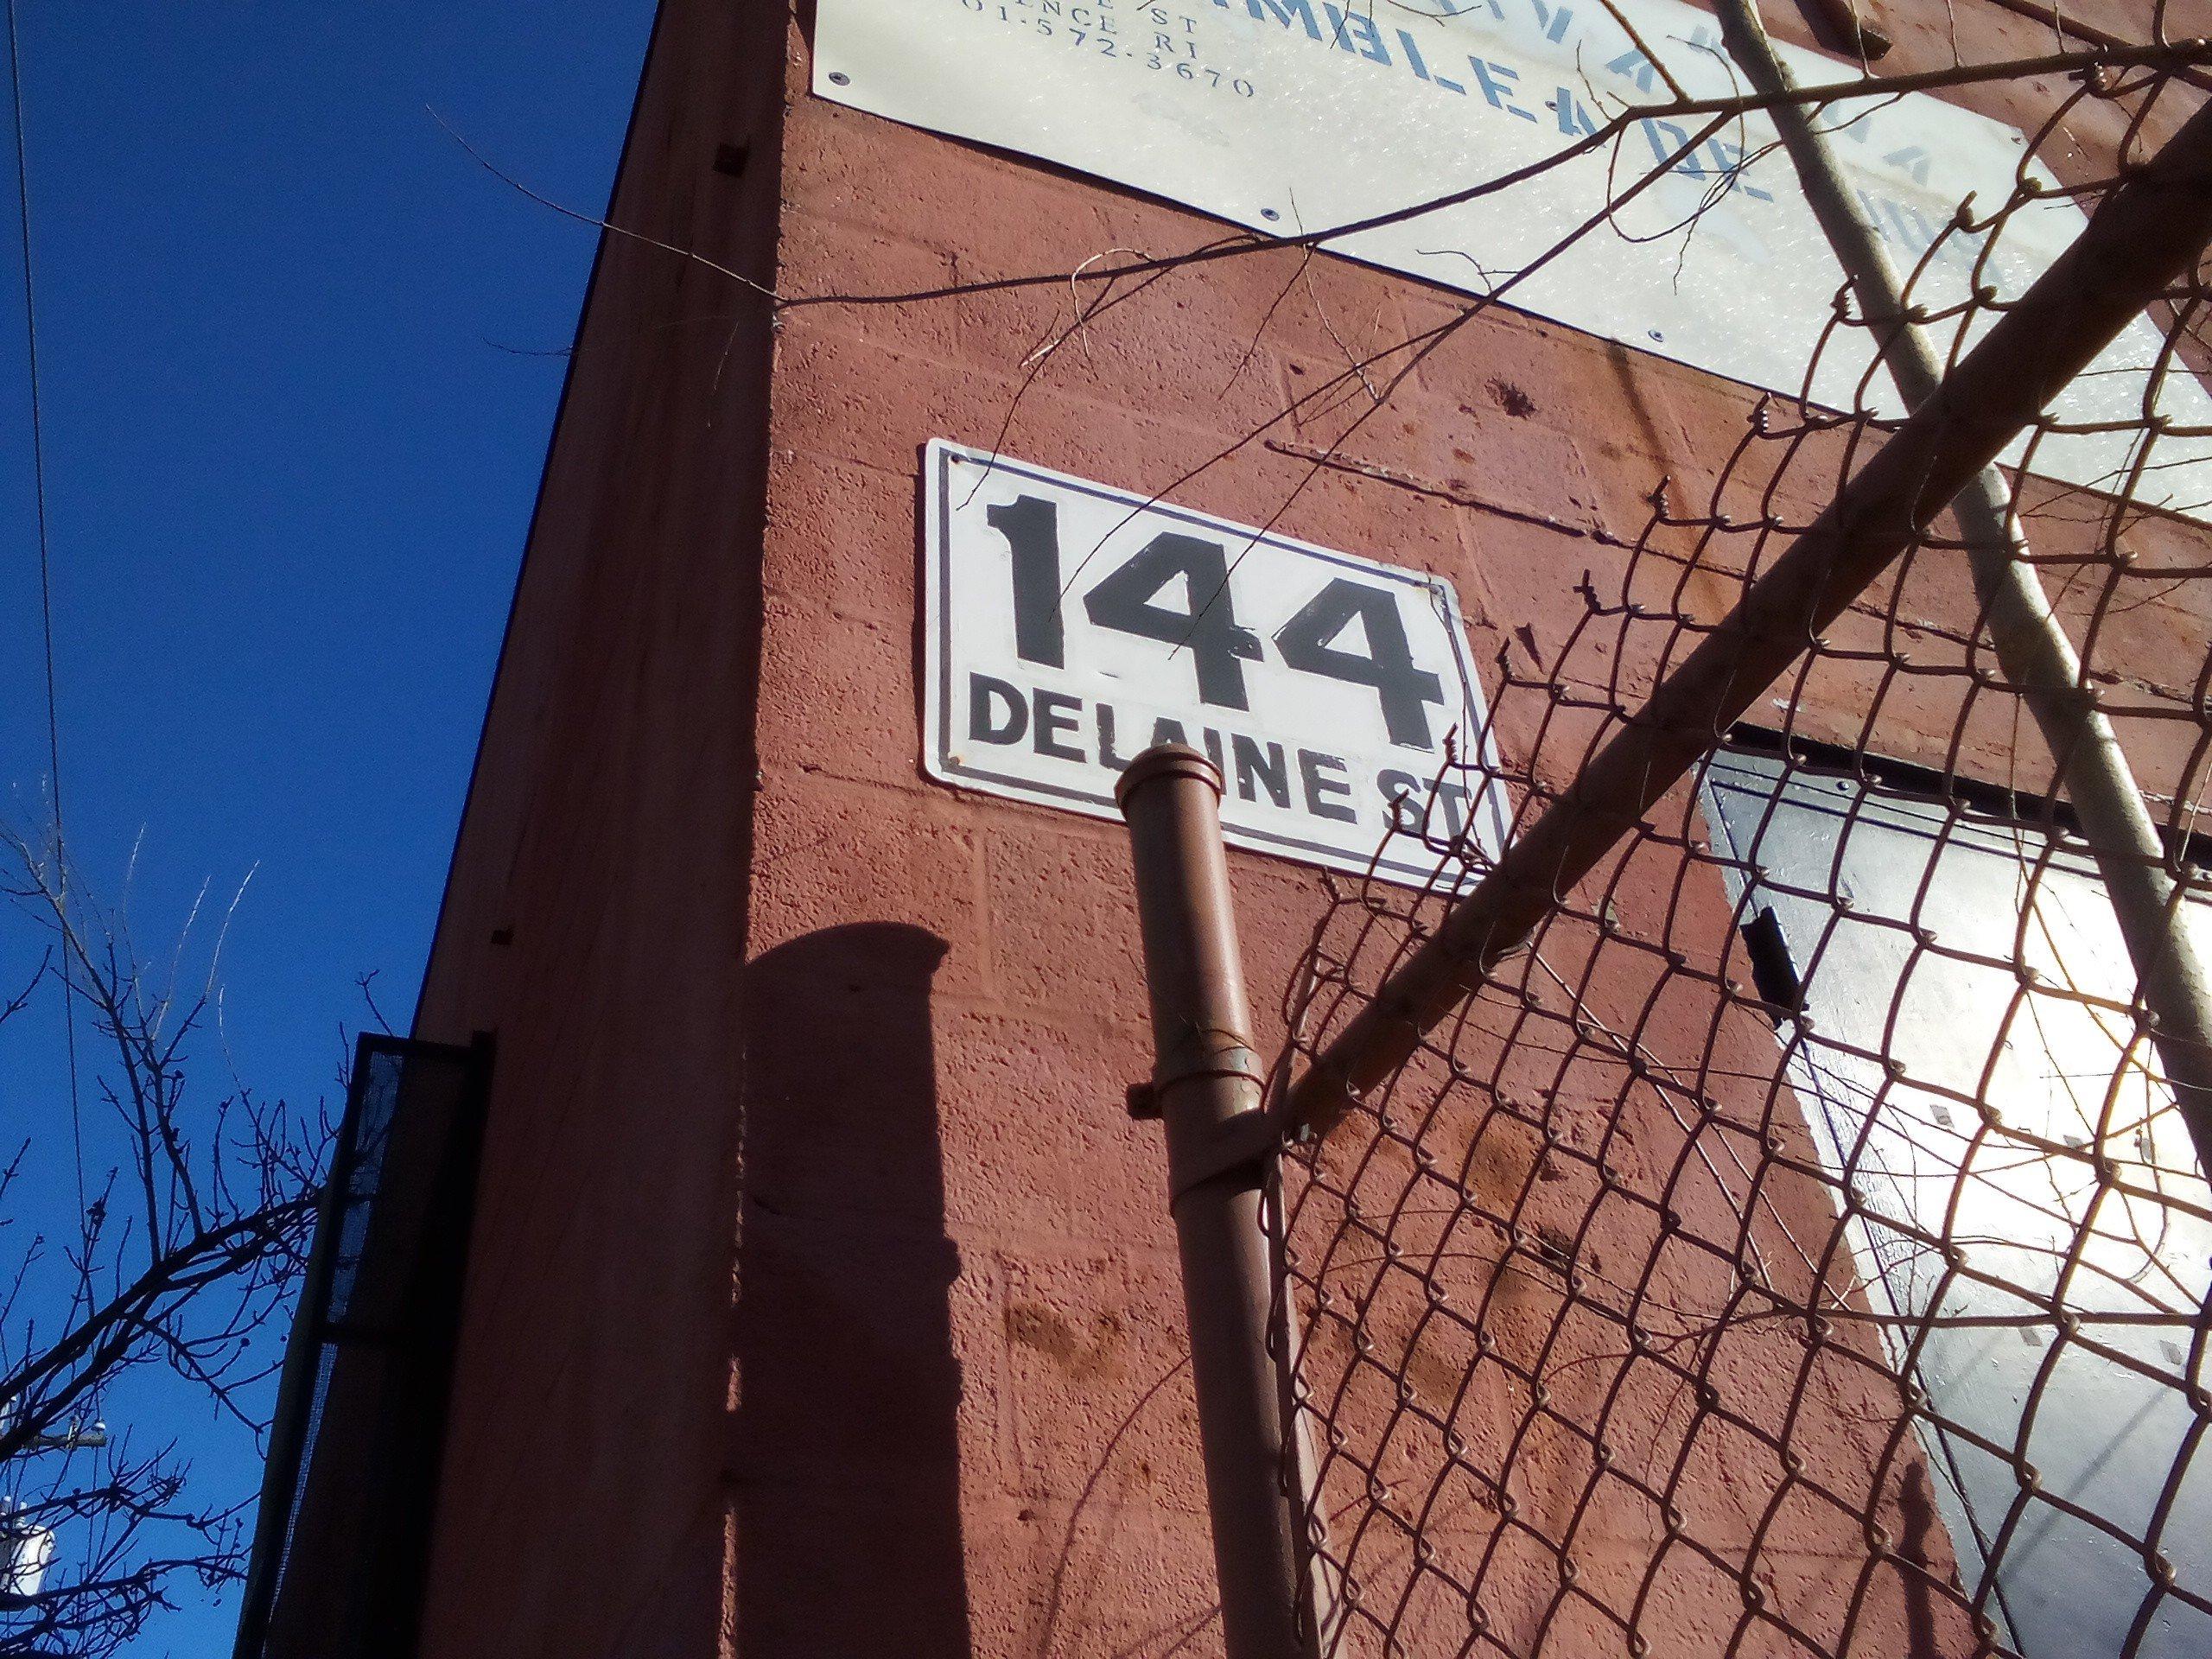 144 Delaine St